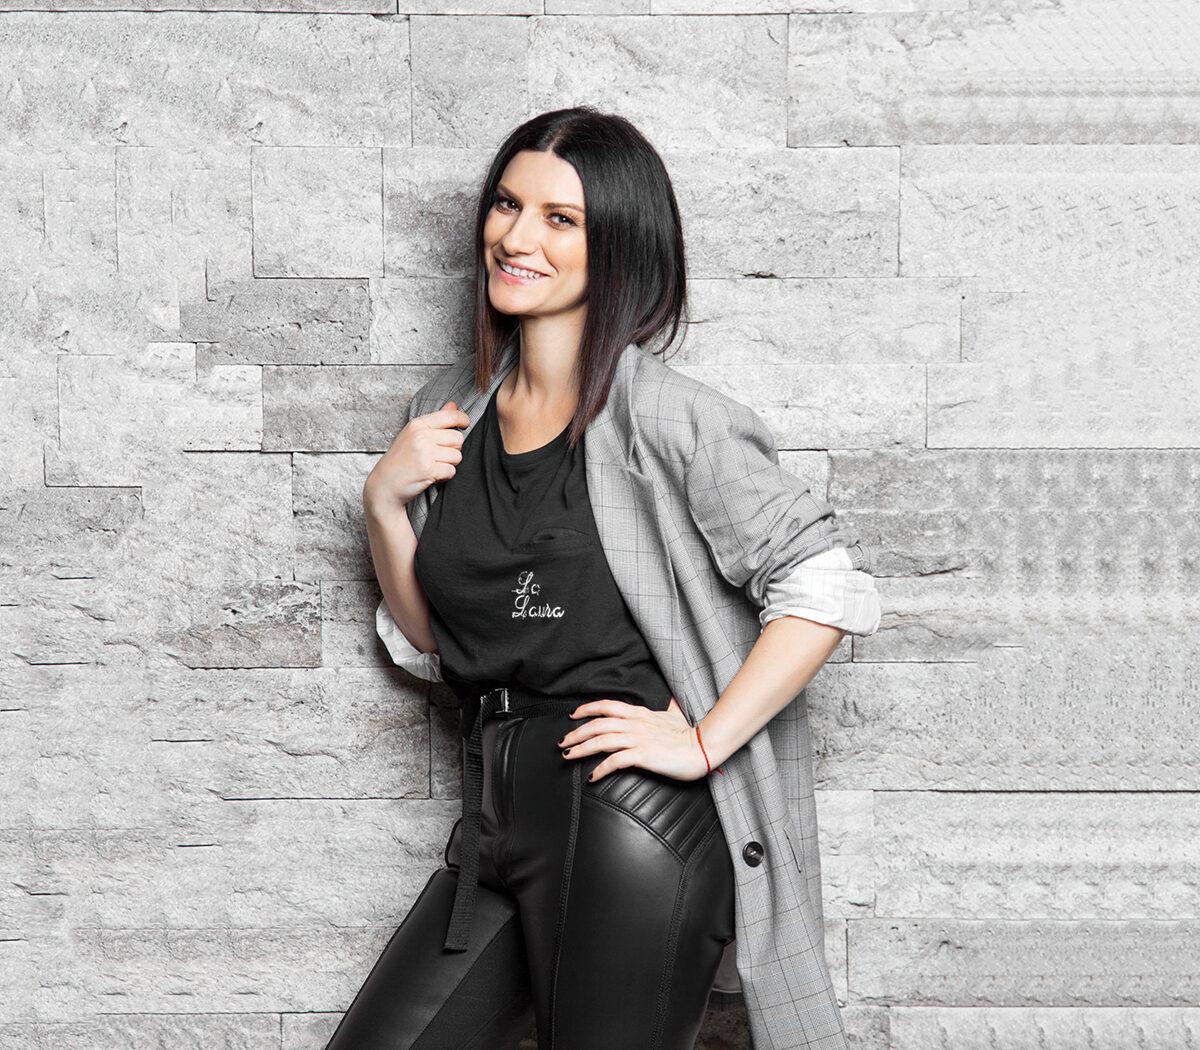 Accordi Laura Pausini